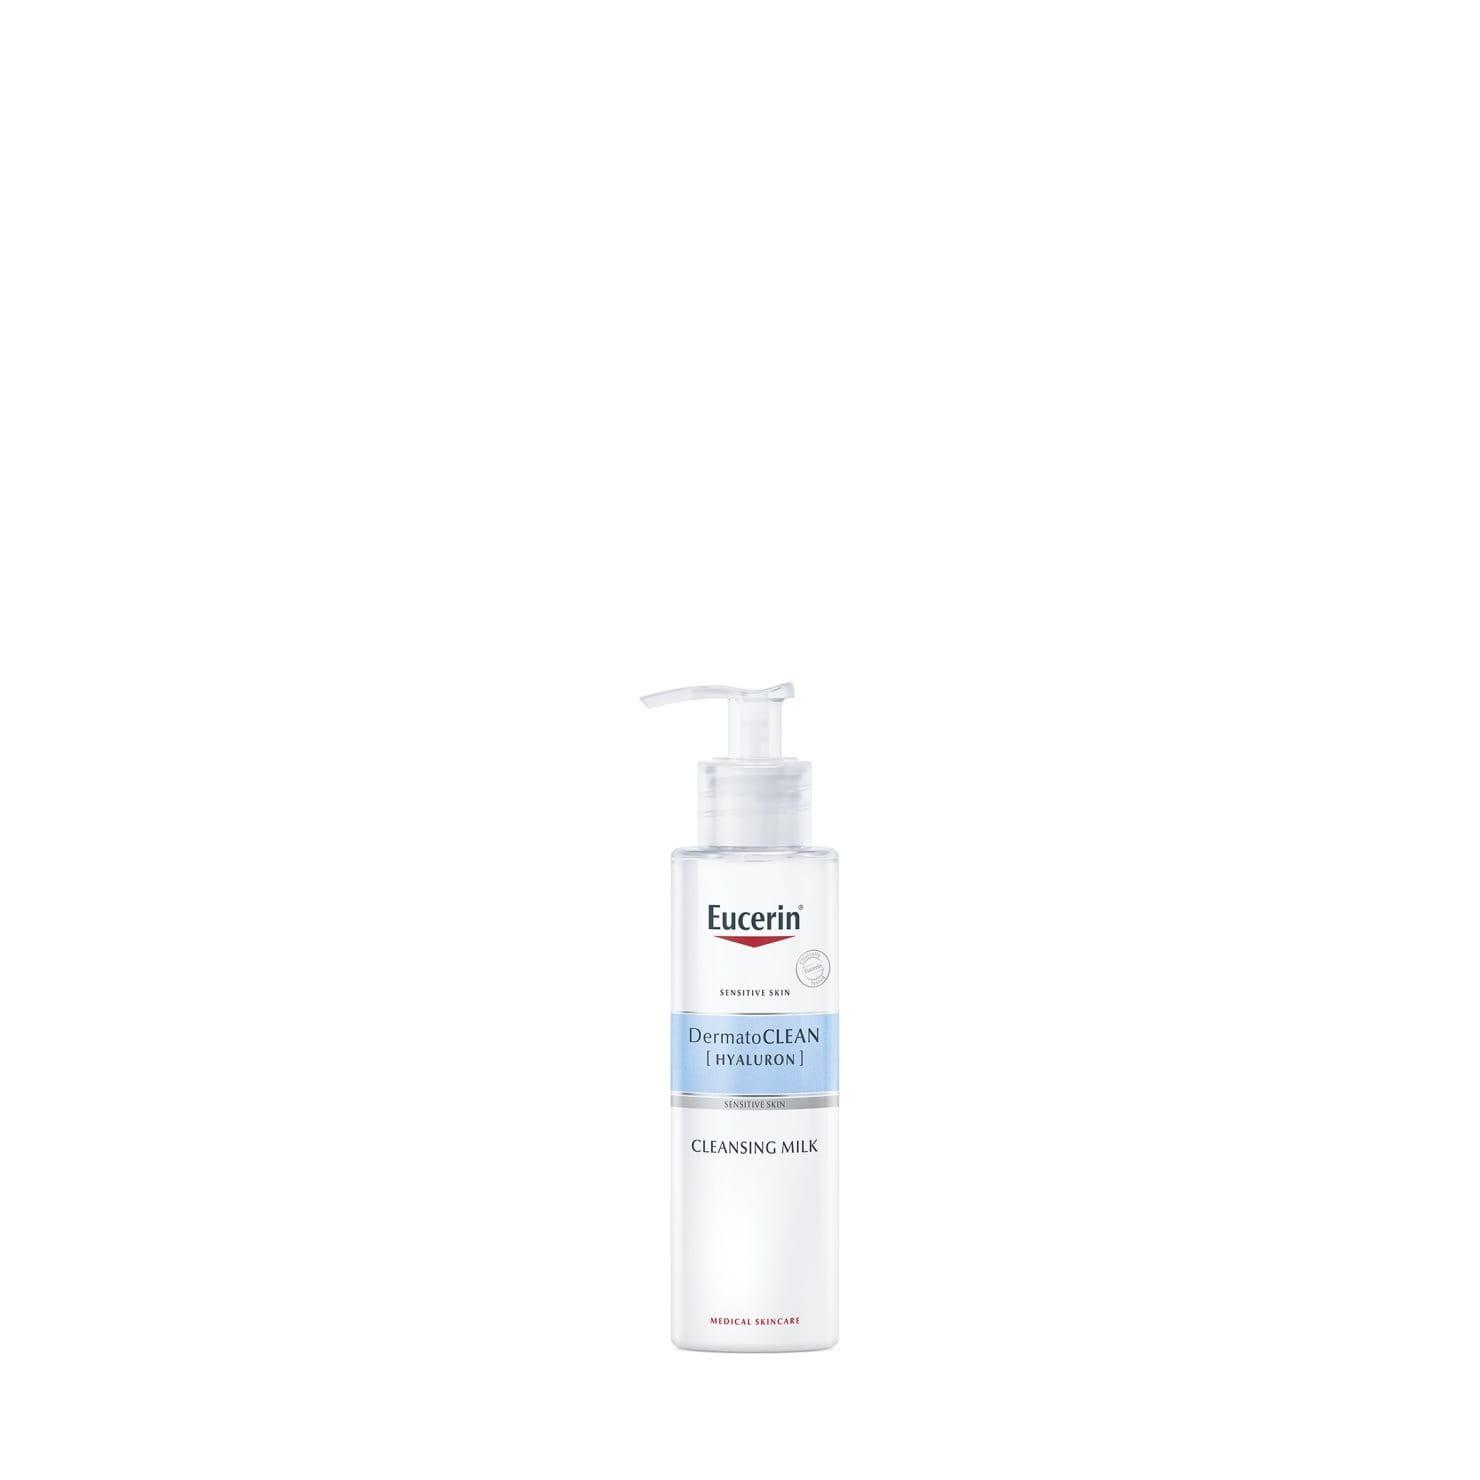 Eucerin DermatoCLEAN Emulsão de Limpeza Suave